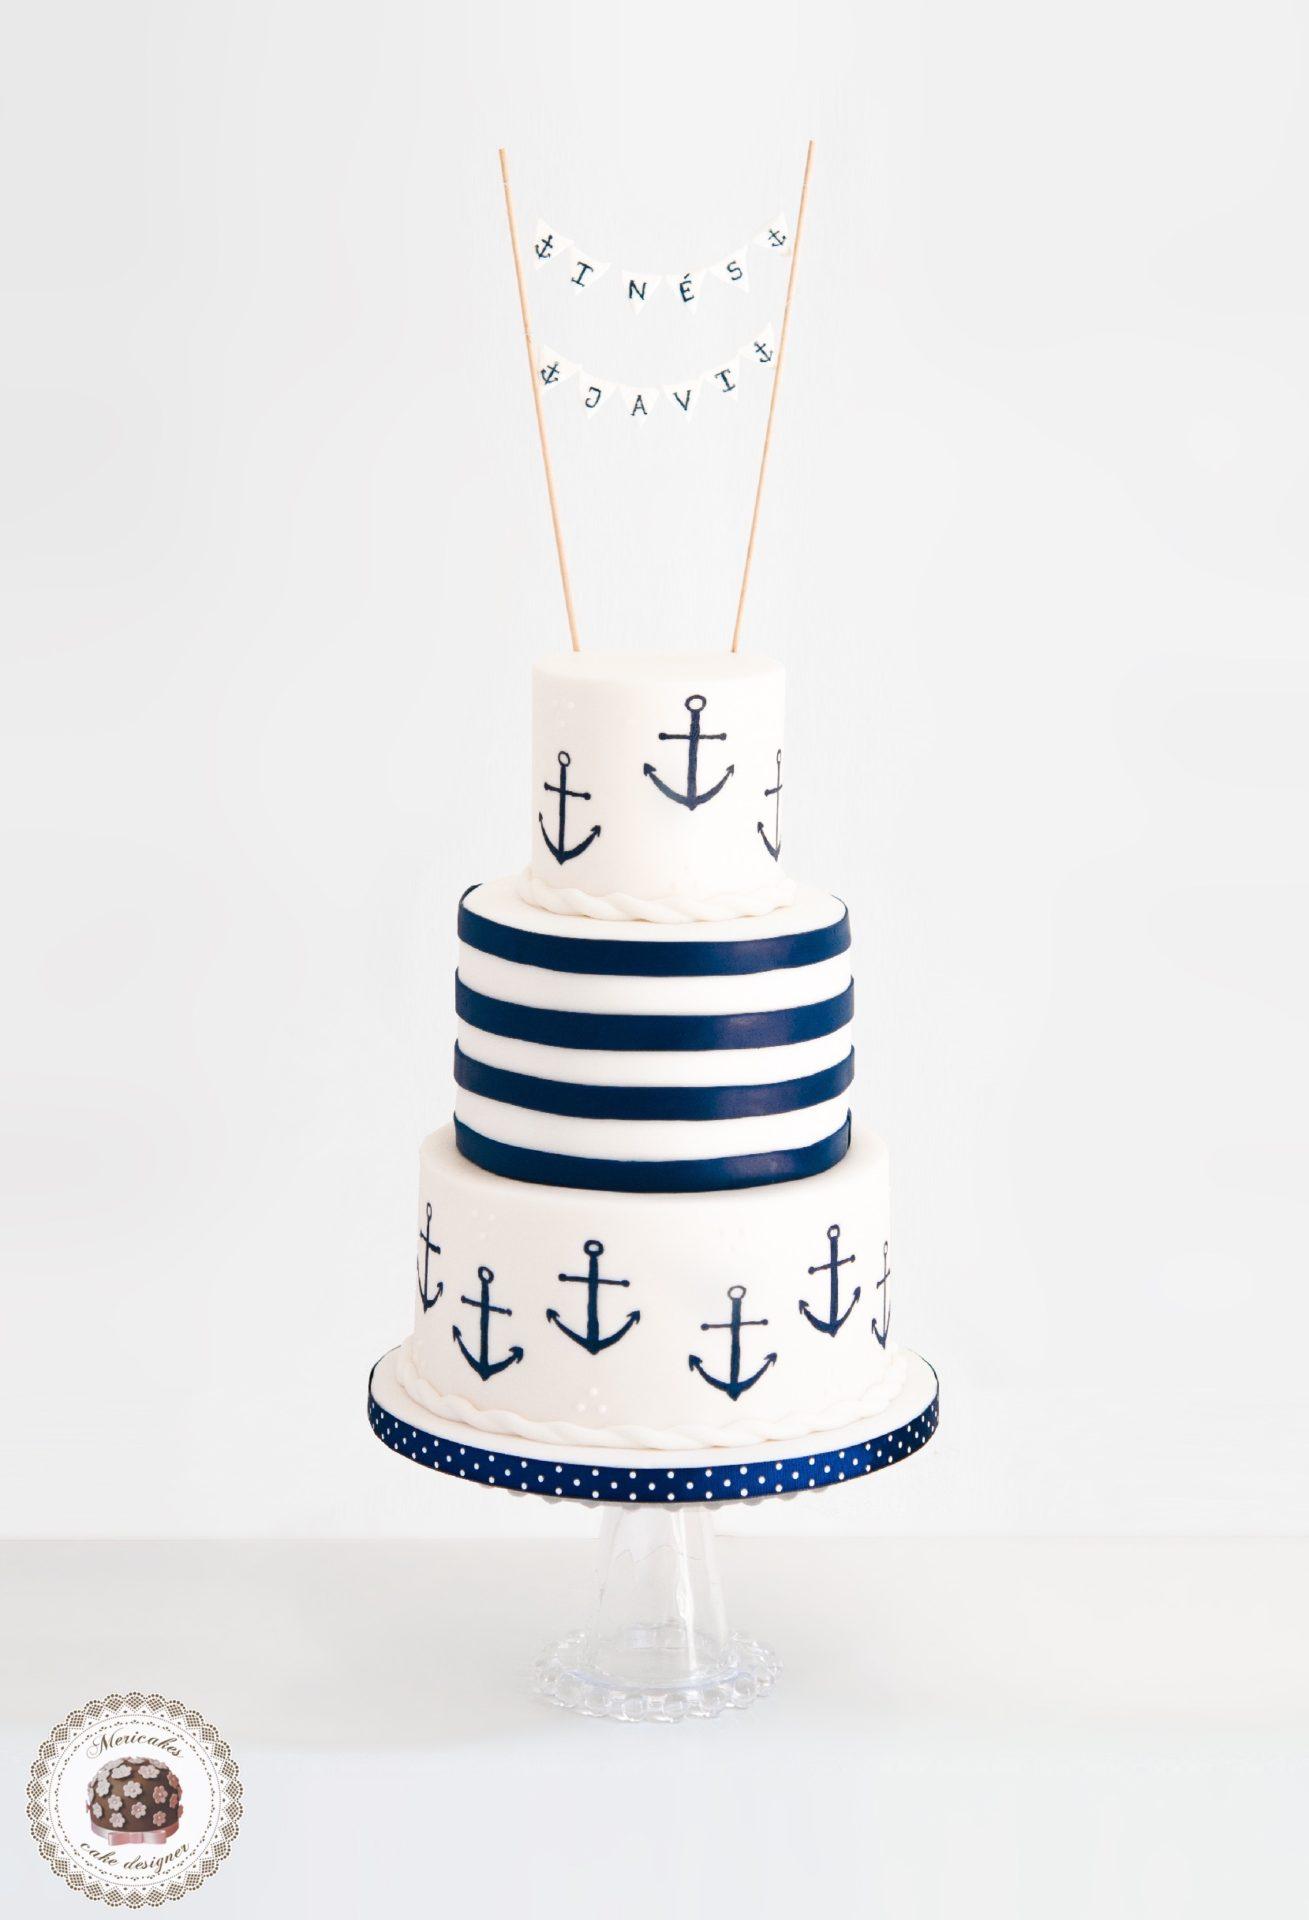 sailor-wedding-cake-tarta-de-boda-tartas-barcelona-tartas-decoradas-anclas-anchor-mericakes-fondant